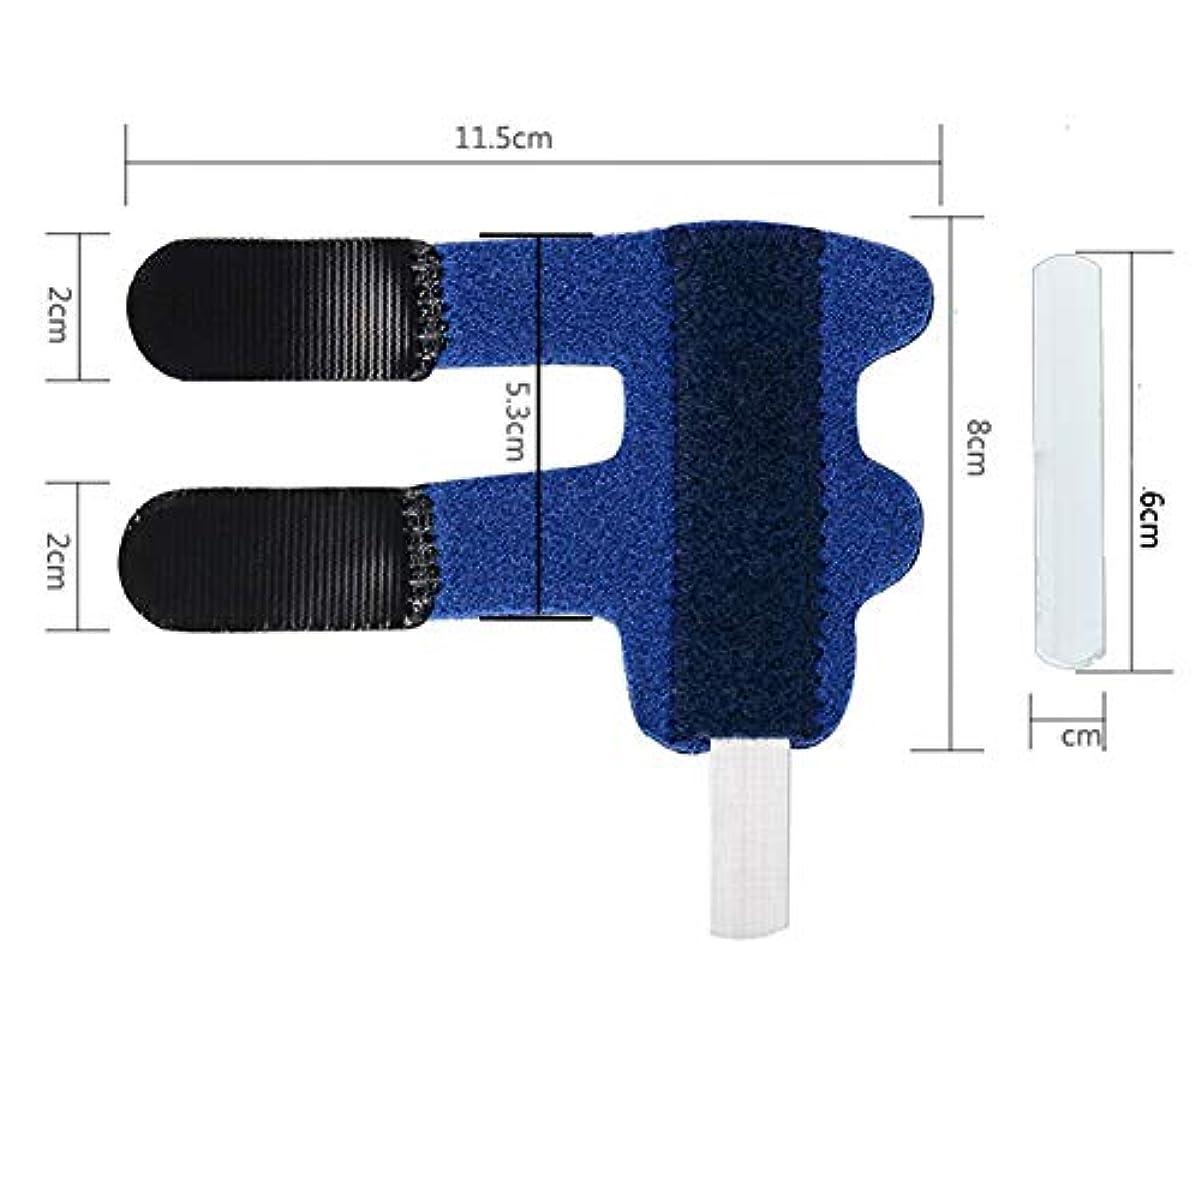 一晩建設有効化ばね指スプリント、指の剛性、変形性関節症、捻挫ナックルズの痛みを軽減するための拡張矯正関節炎マレット指ナックルブレースのための調節可能なアルミニウム支持体,ブルー